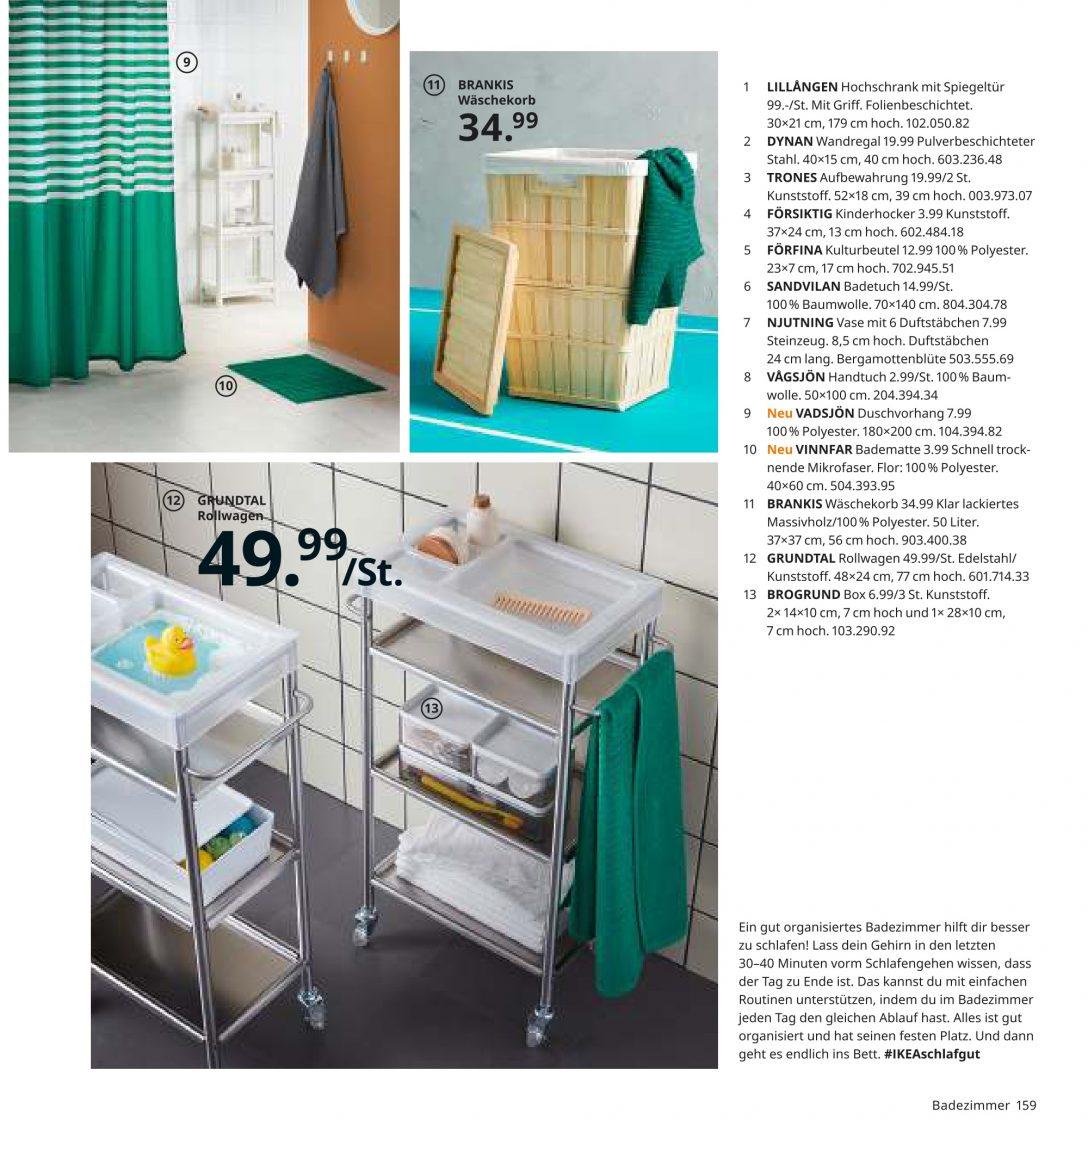 Large Size of Ikea Rollwagen Grundtal Im Angebot Bei Kupinode Betten 160x200 Küche Kaufen Kosten Bad Sofa Mit Schlaffunktion Miniküche Modulküche Wohnzimmer Ikea Rollwagen